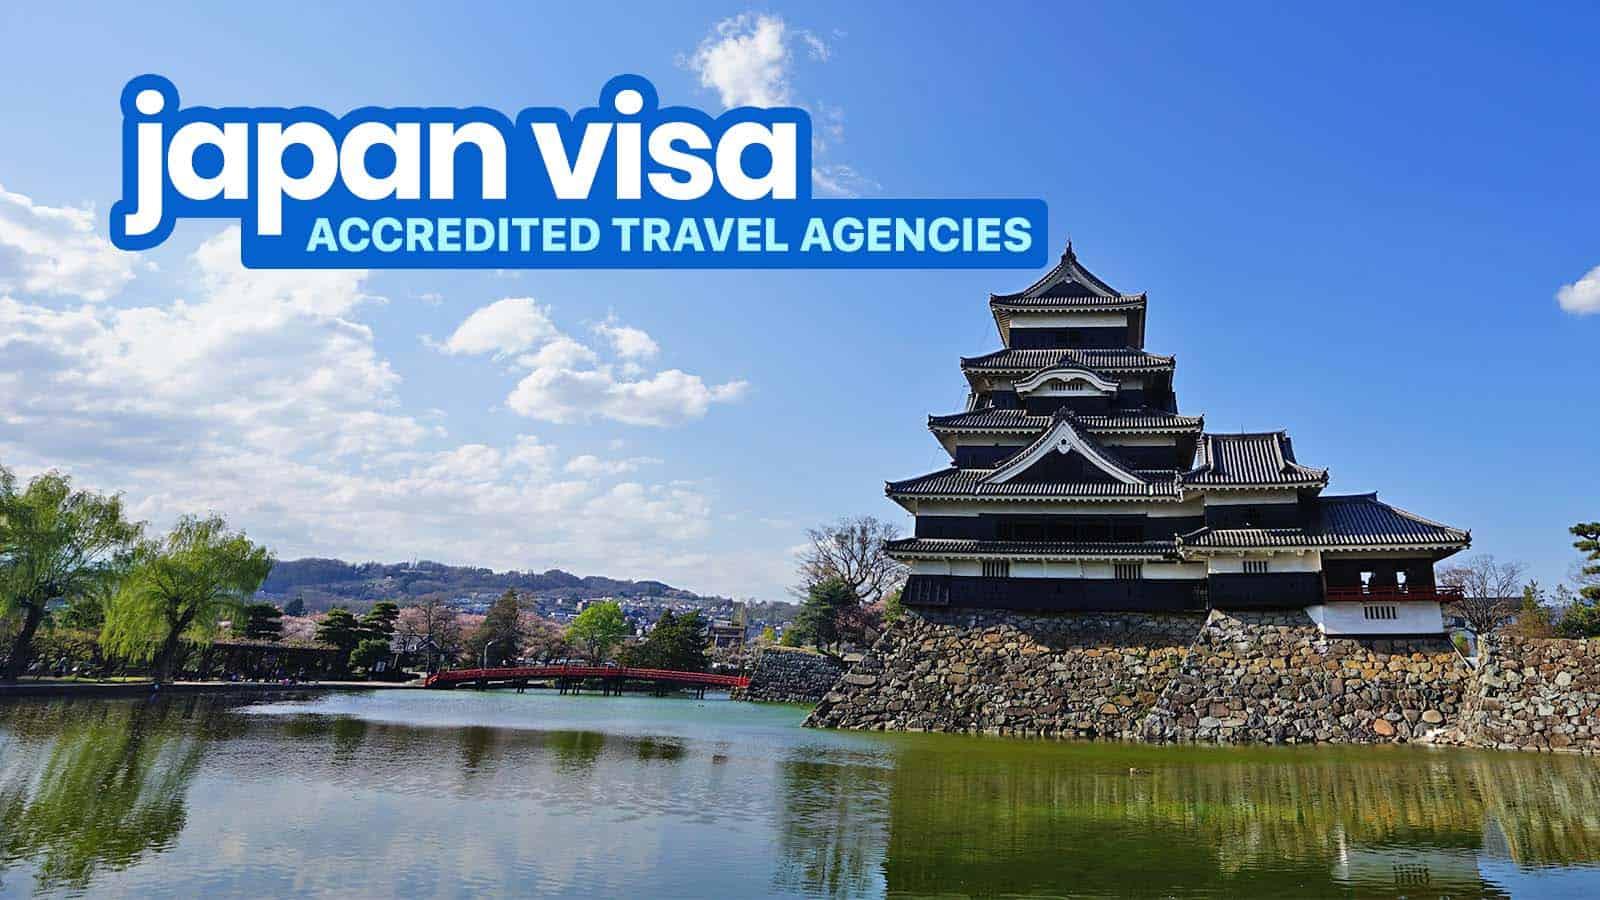 日本签证。大使馆认可的旅行社名单 | 穷游者的行程博客